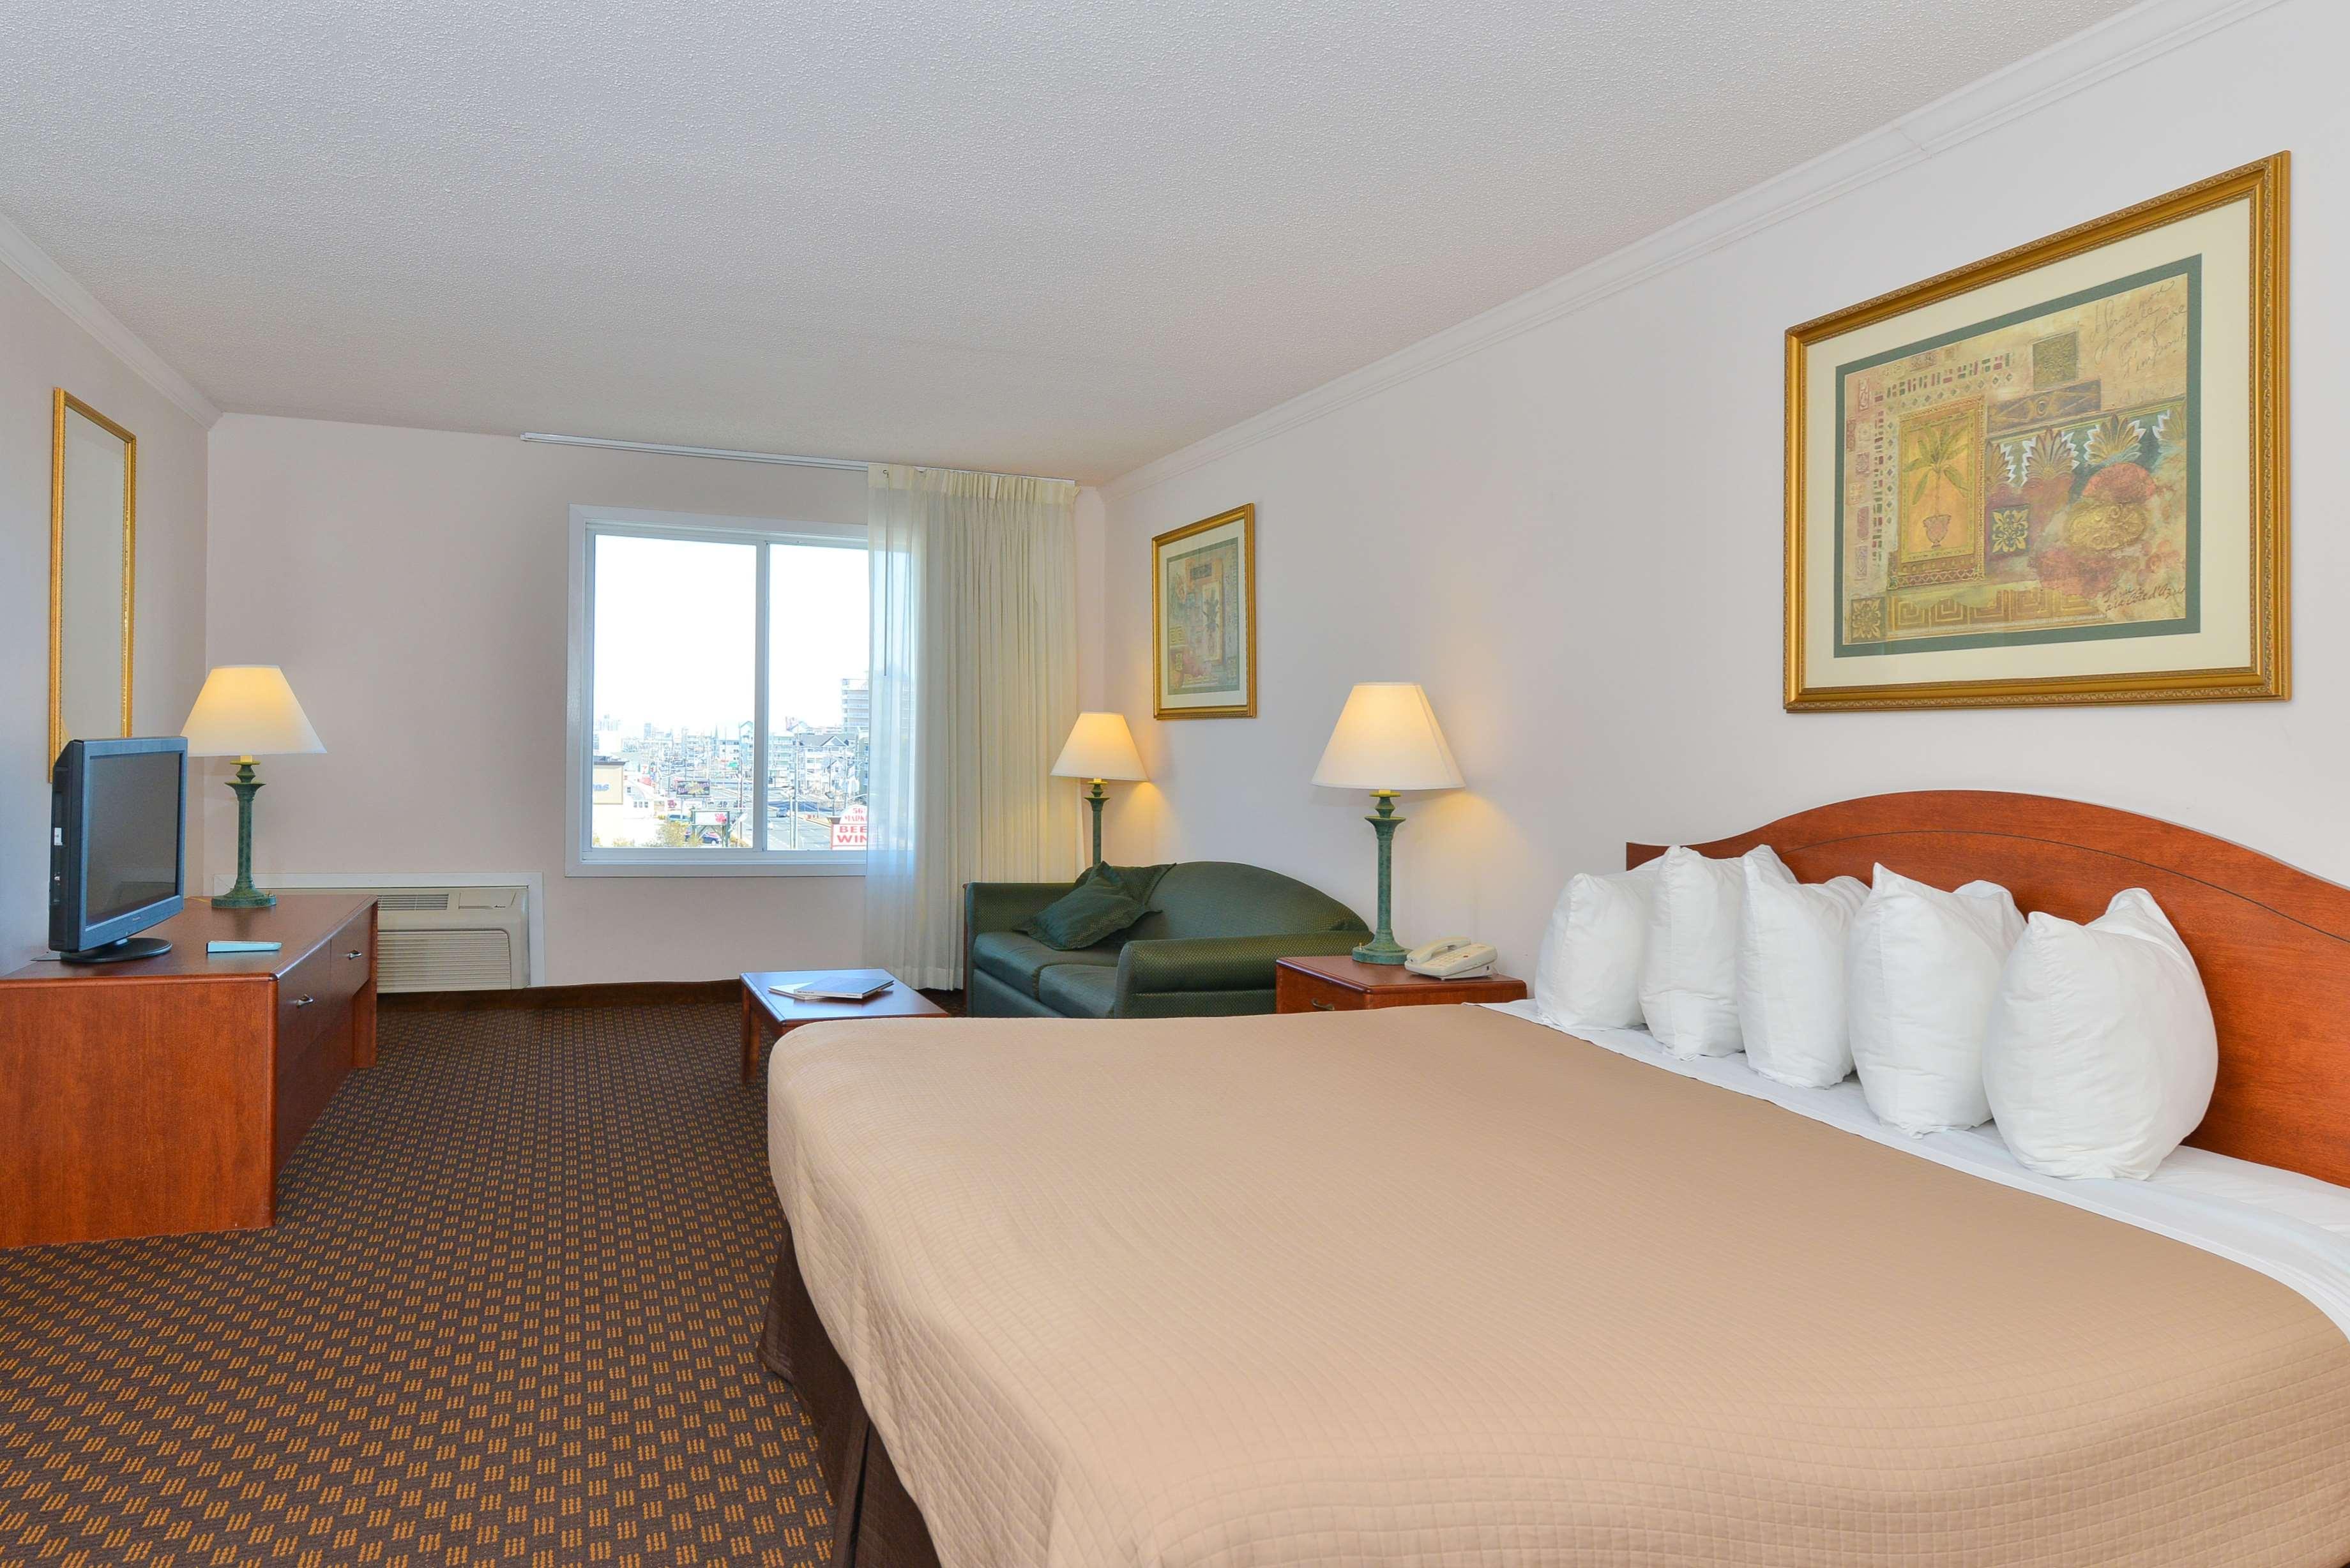 Best Western Ocean City Hotel & Suites image 31